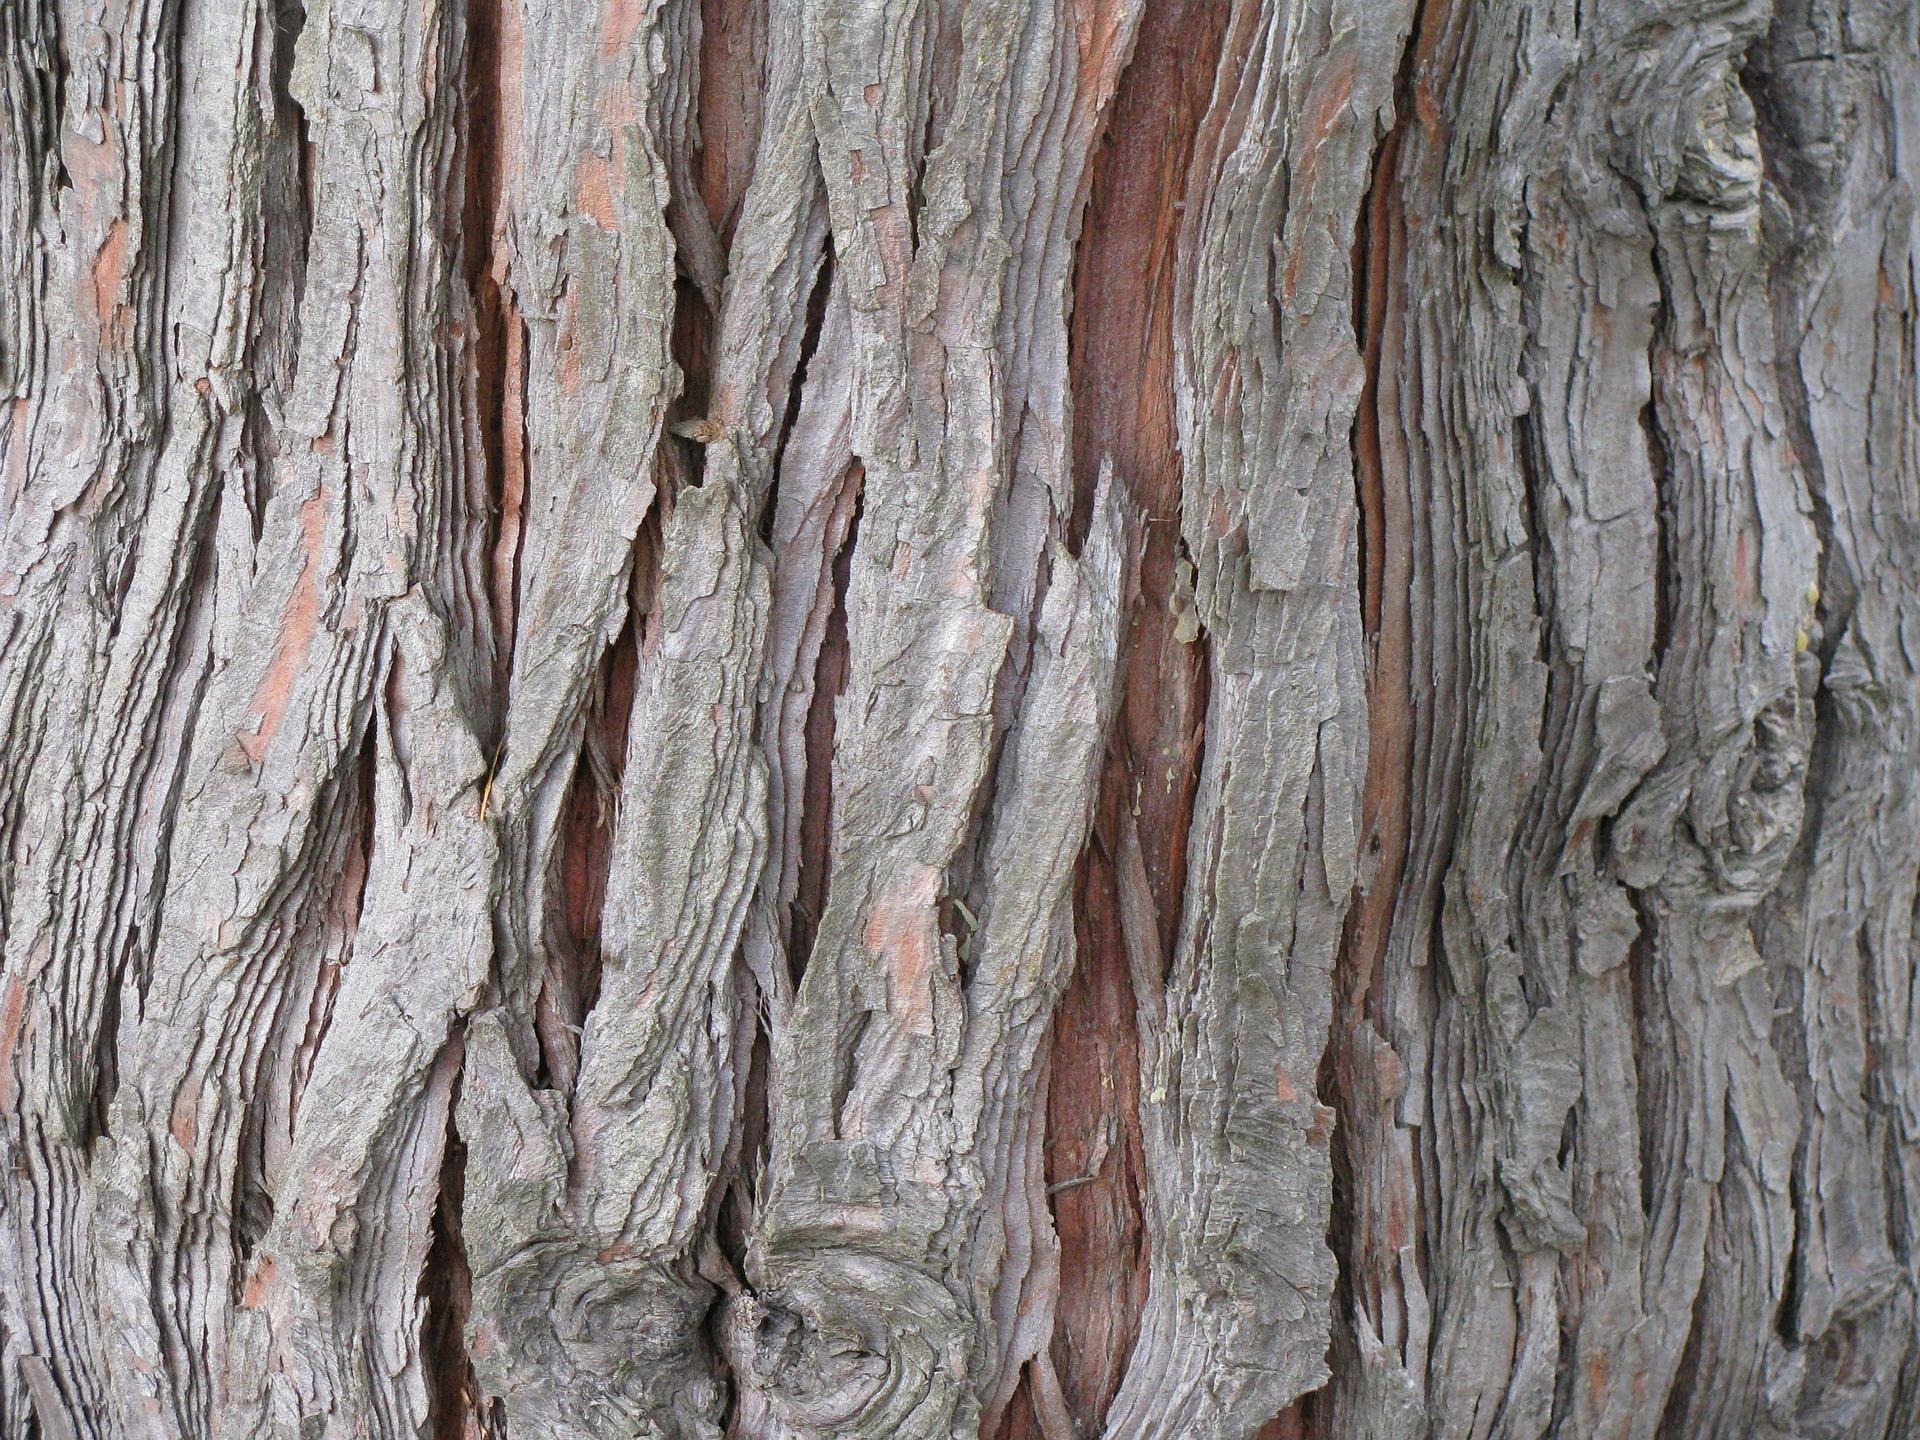 aceite esencial de cedro para la psoriasis